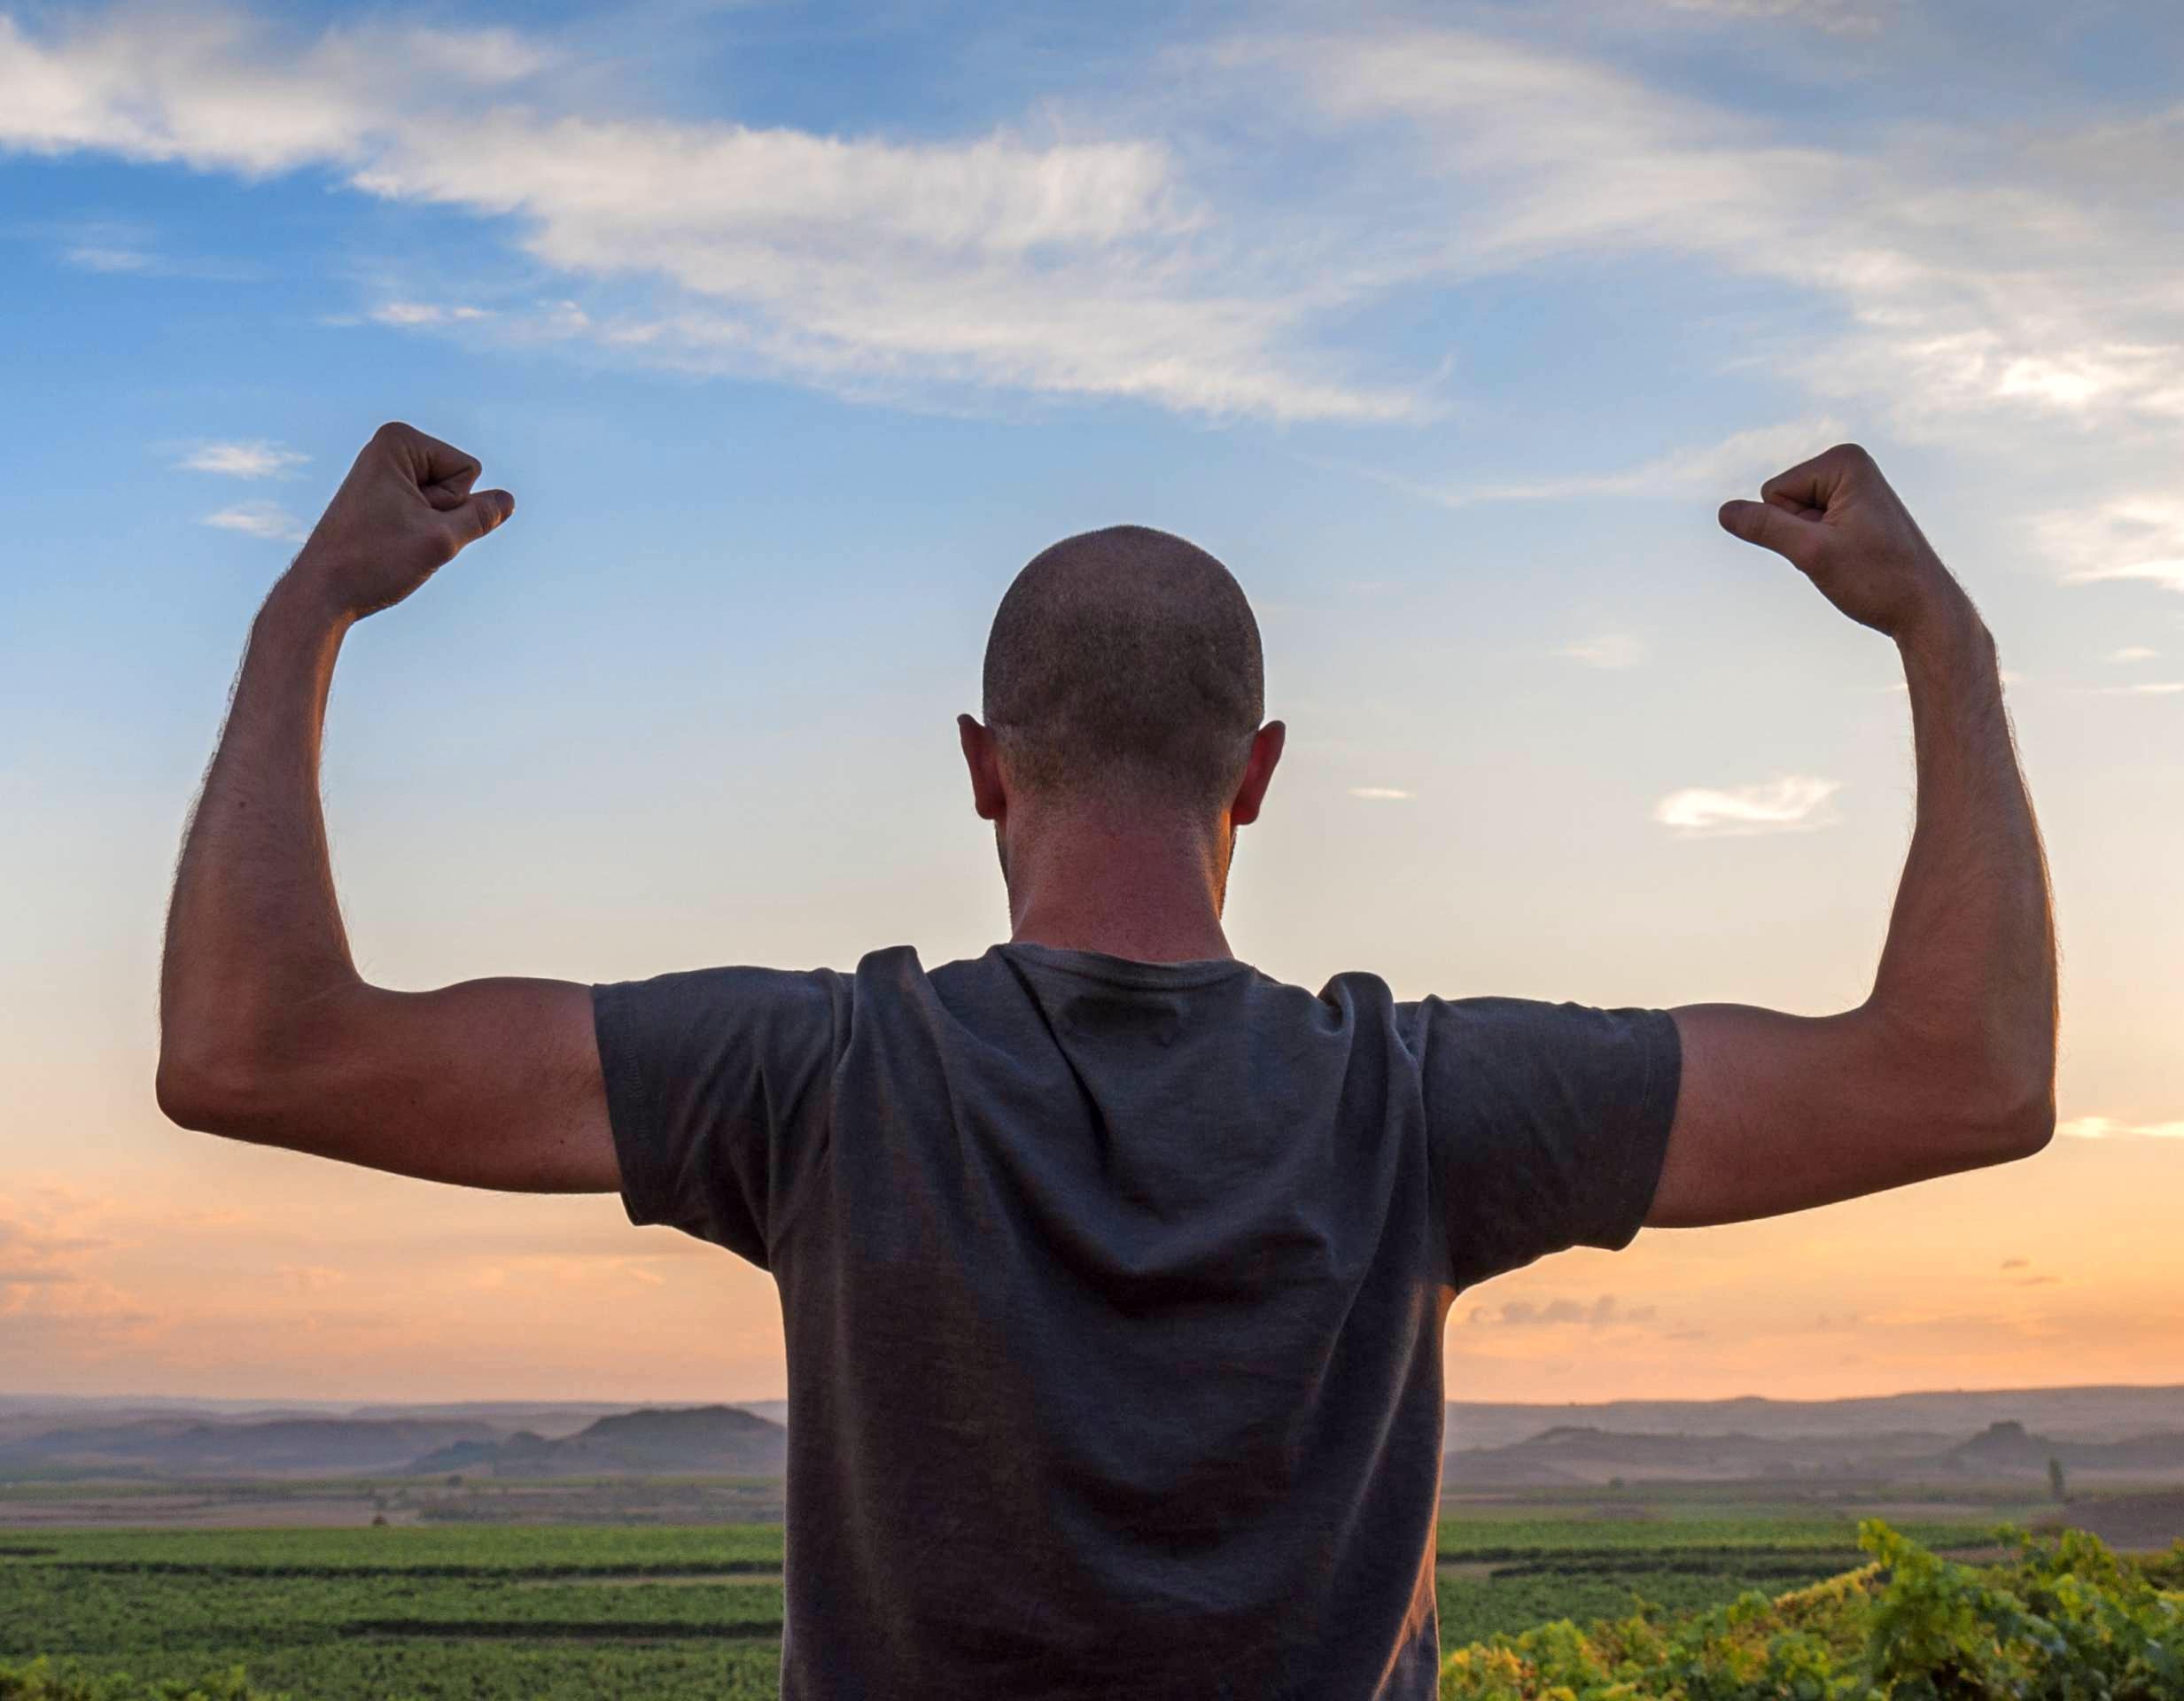 Alles fit? Fühlen sich Männer den täglichen Herausforderungen nicht mehr gewachsen und stattdessen müde, lustlos und ohne Antrieb, kann ein Testosteronmangel dahinter stecken.Foto: irantzuarb/stock.adobe.com